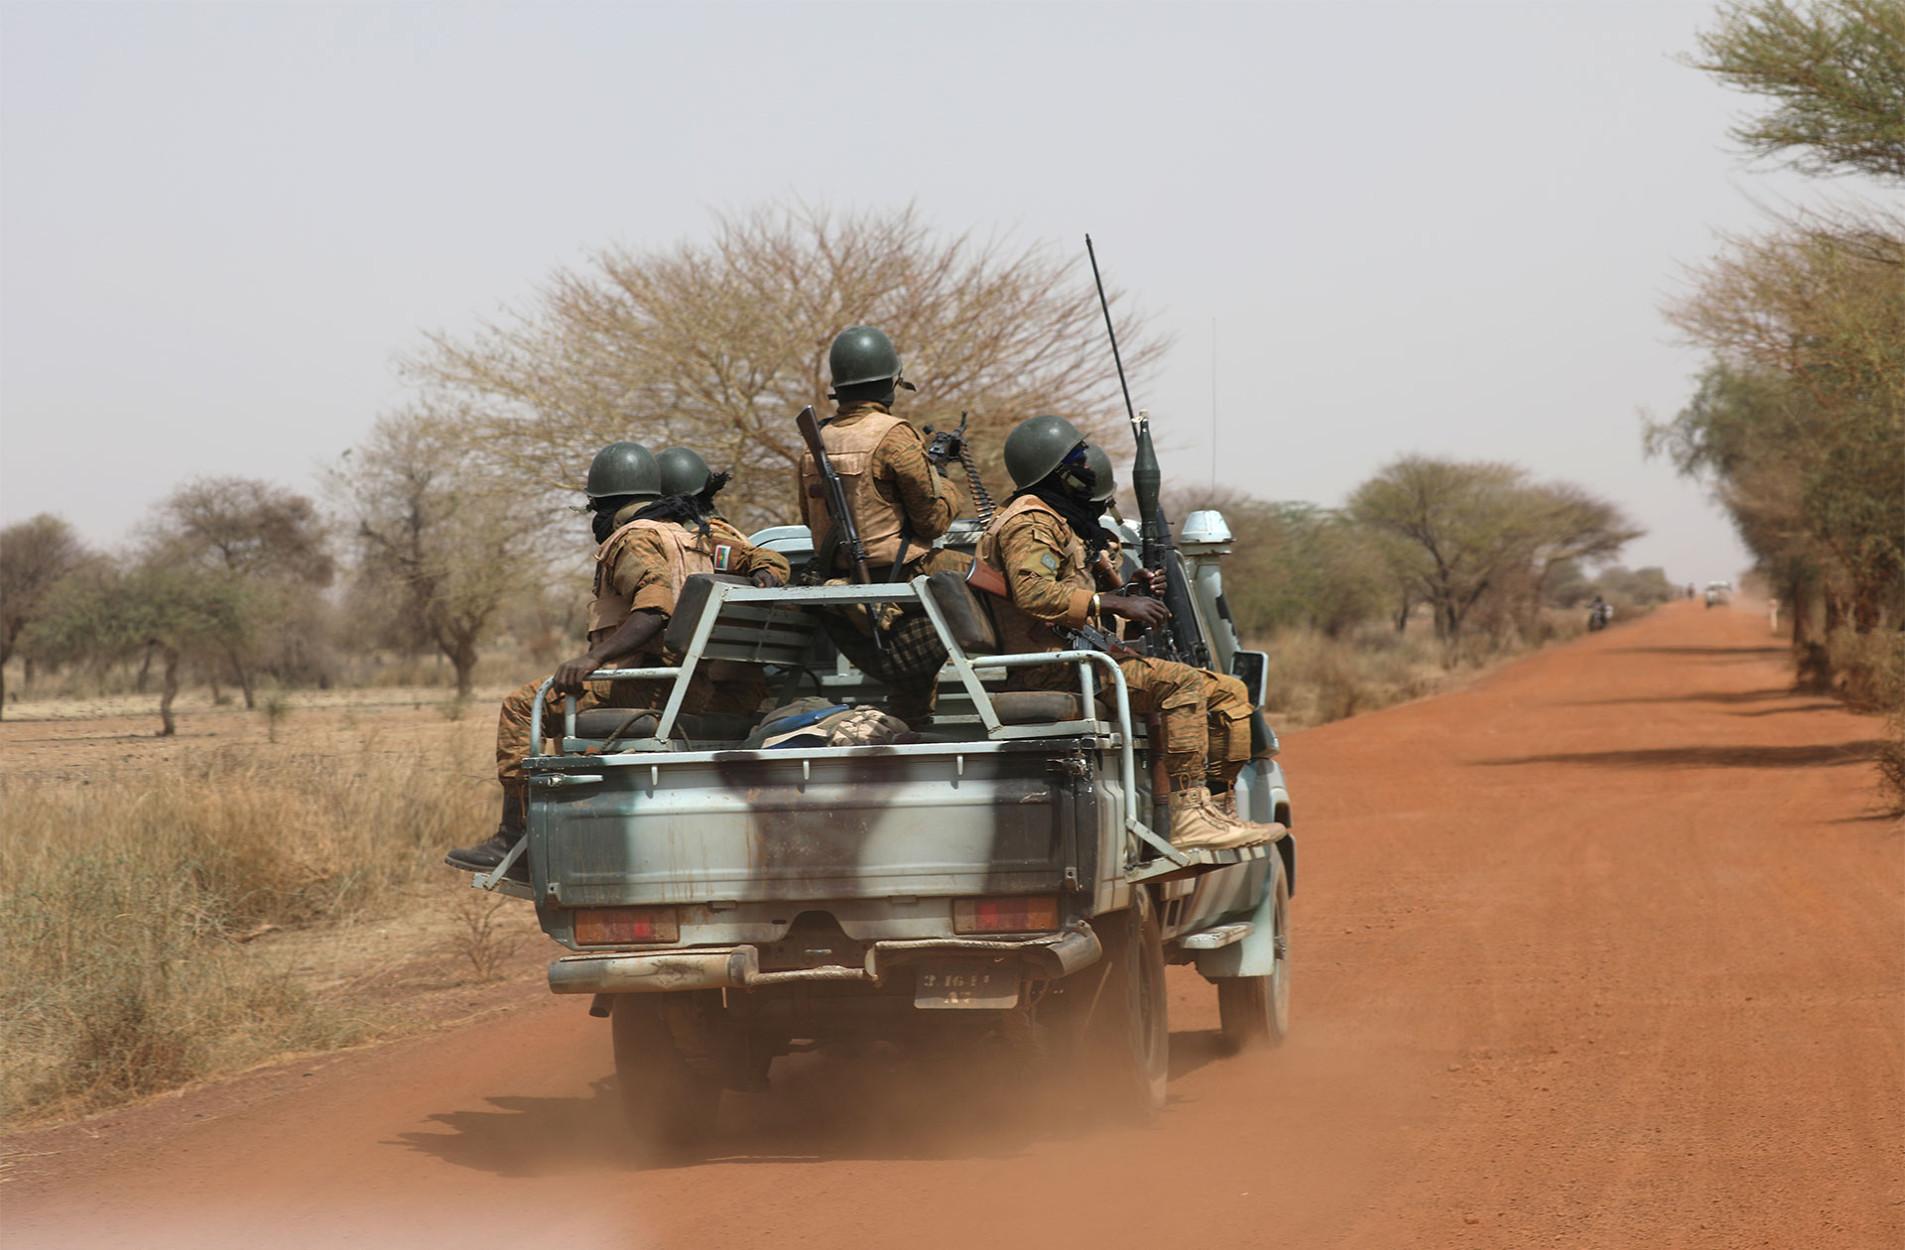 Μπουρκίνα Φάσο: 14 νεκροί σε συγκρούσεις στο βόρειο τμήμα της χώρας